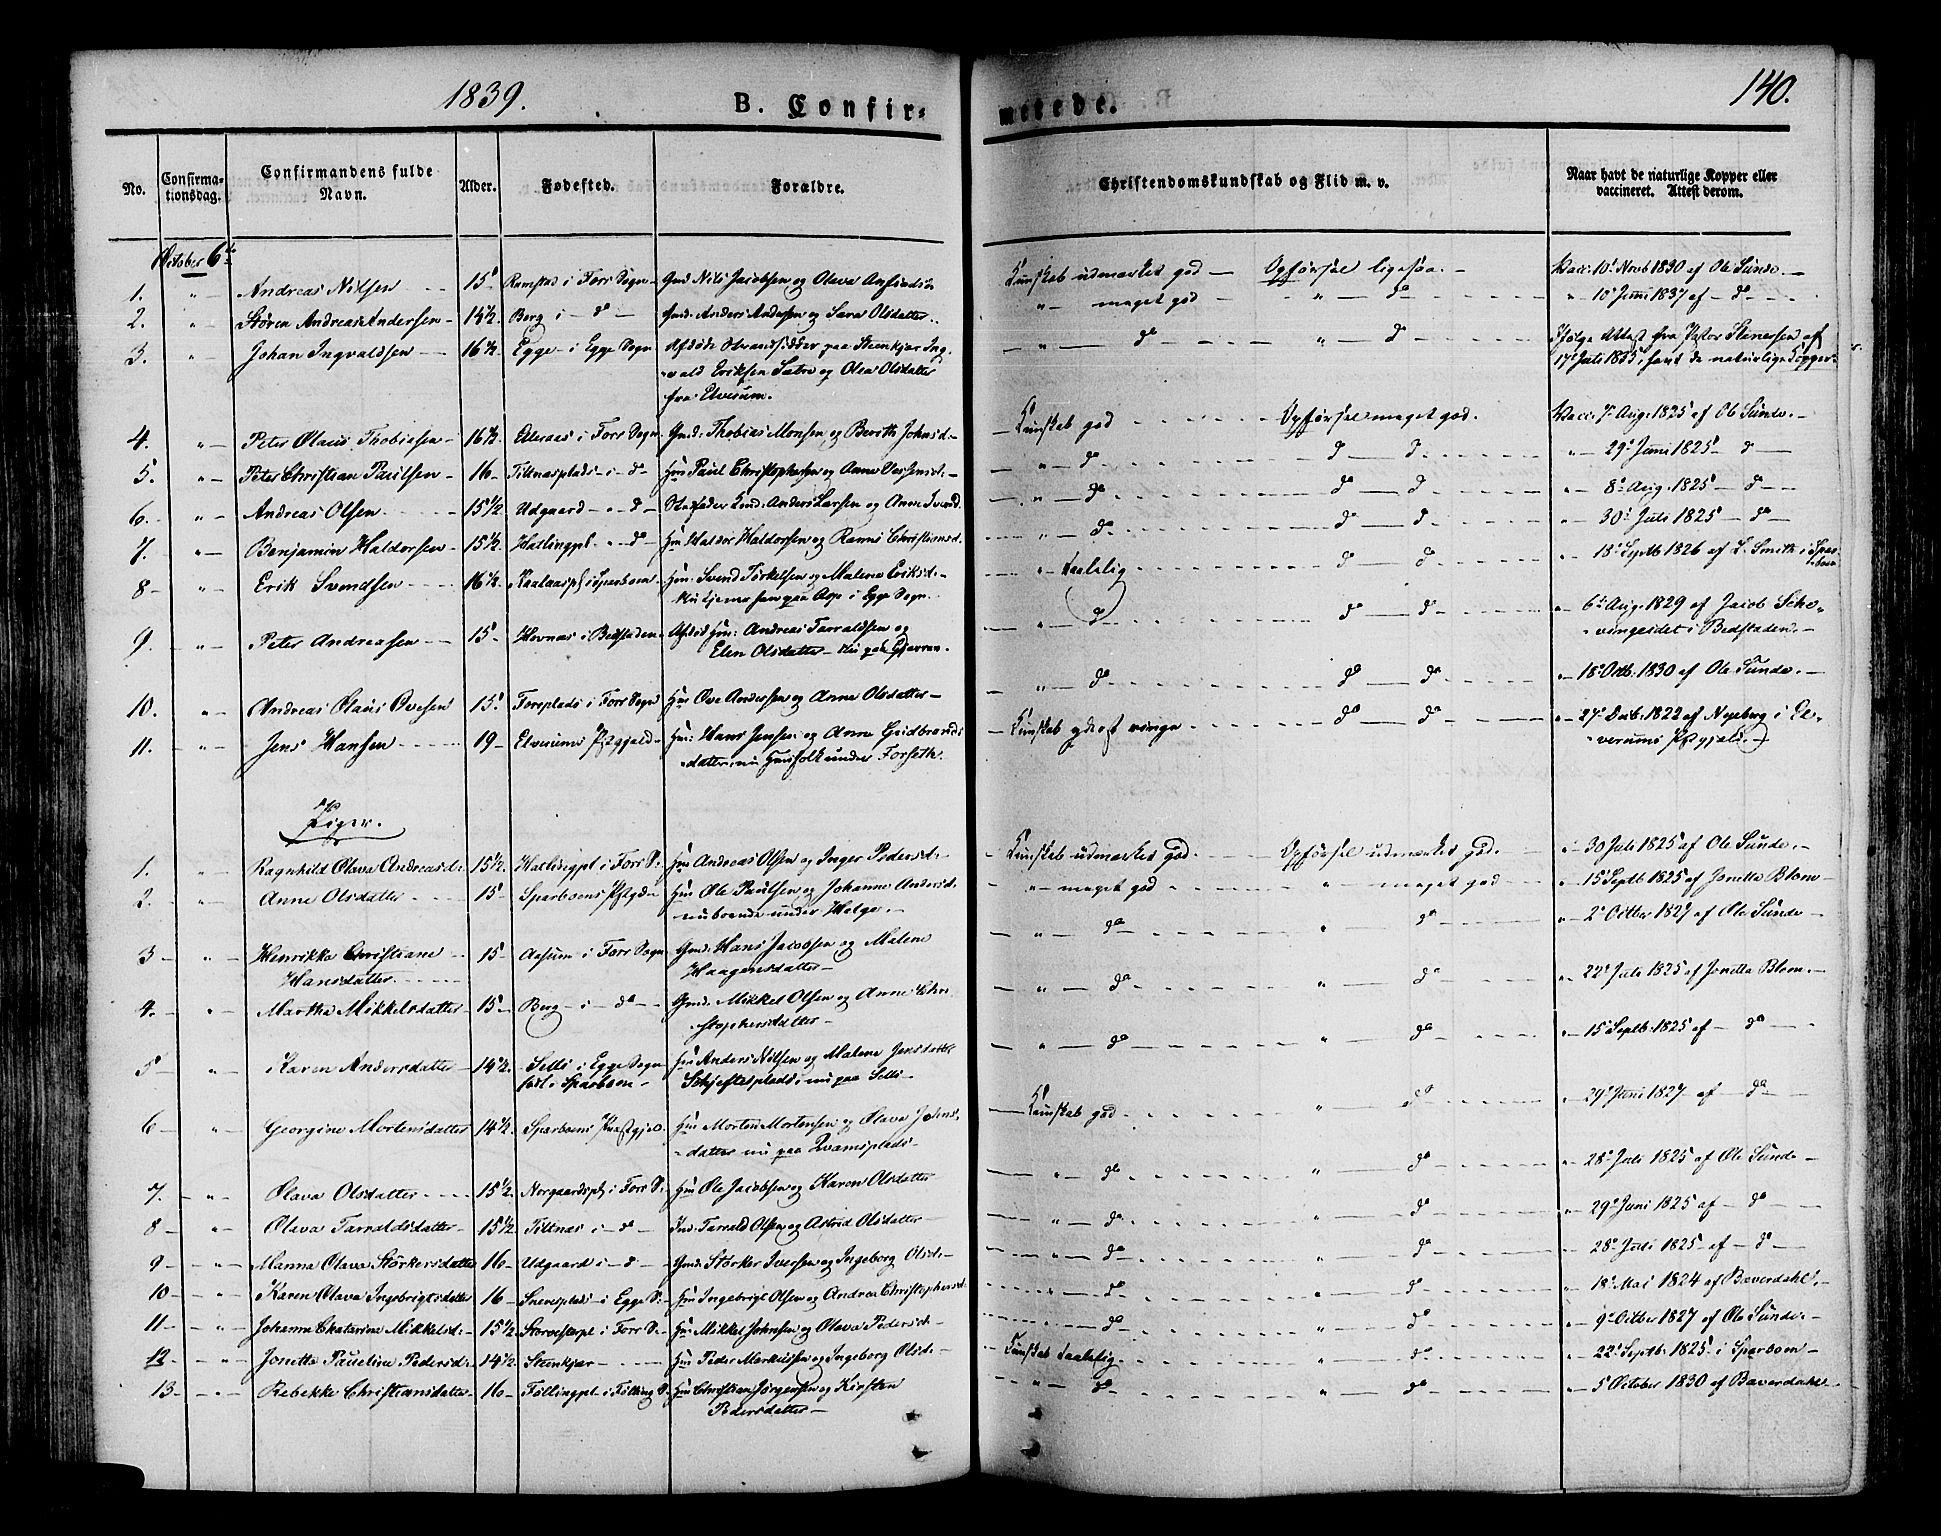 SAT, Ministerialprotokoller, klokkerbøker og fødselsregistre - Nord-Trøndelag, 746/L0445: Ministerialbok nr. 746A04, 1826-1846, s. 140